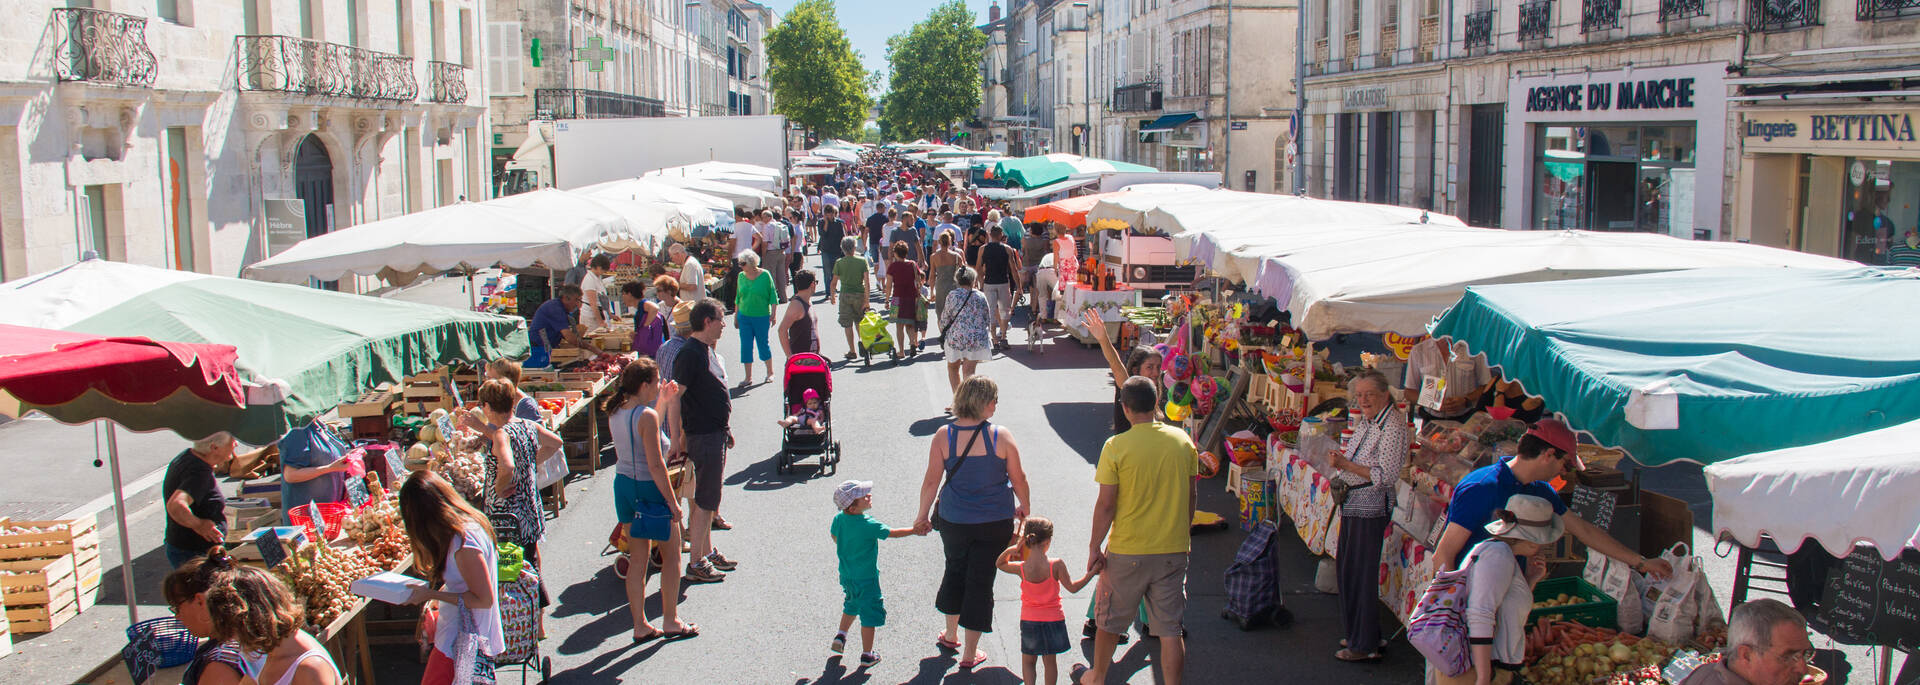 Le marché en plein coeur de ville est le rendez-vous incontournable des épicuriens - © David Compain - Ville de Rochefort